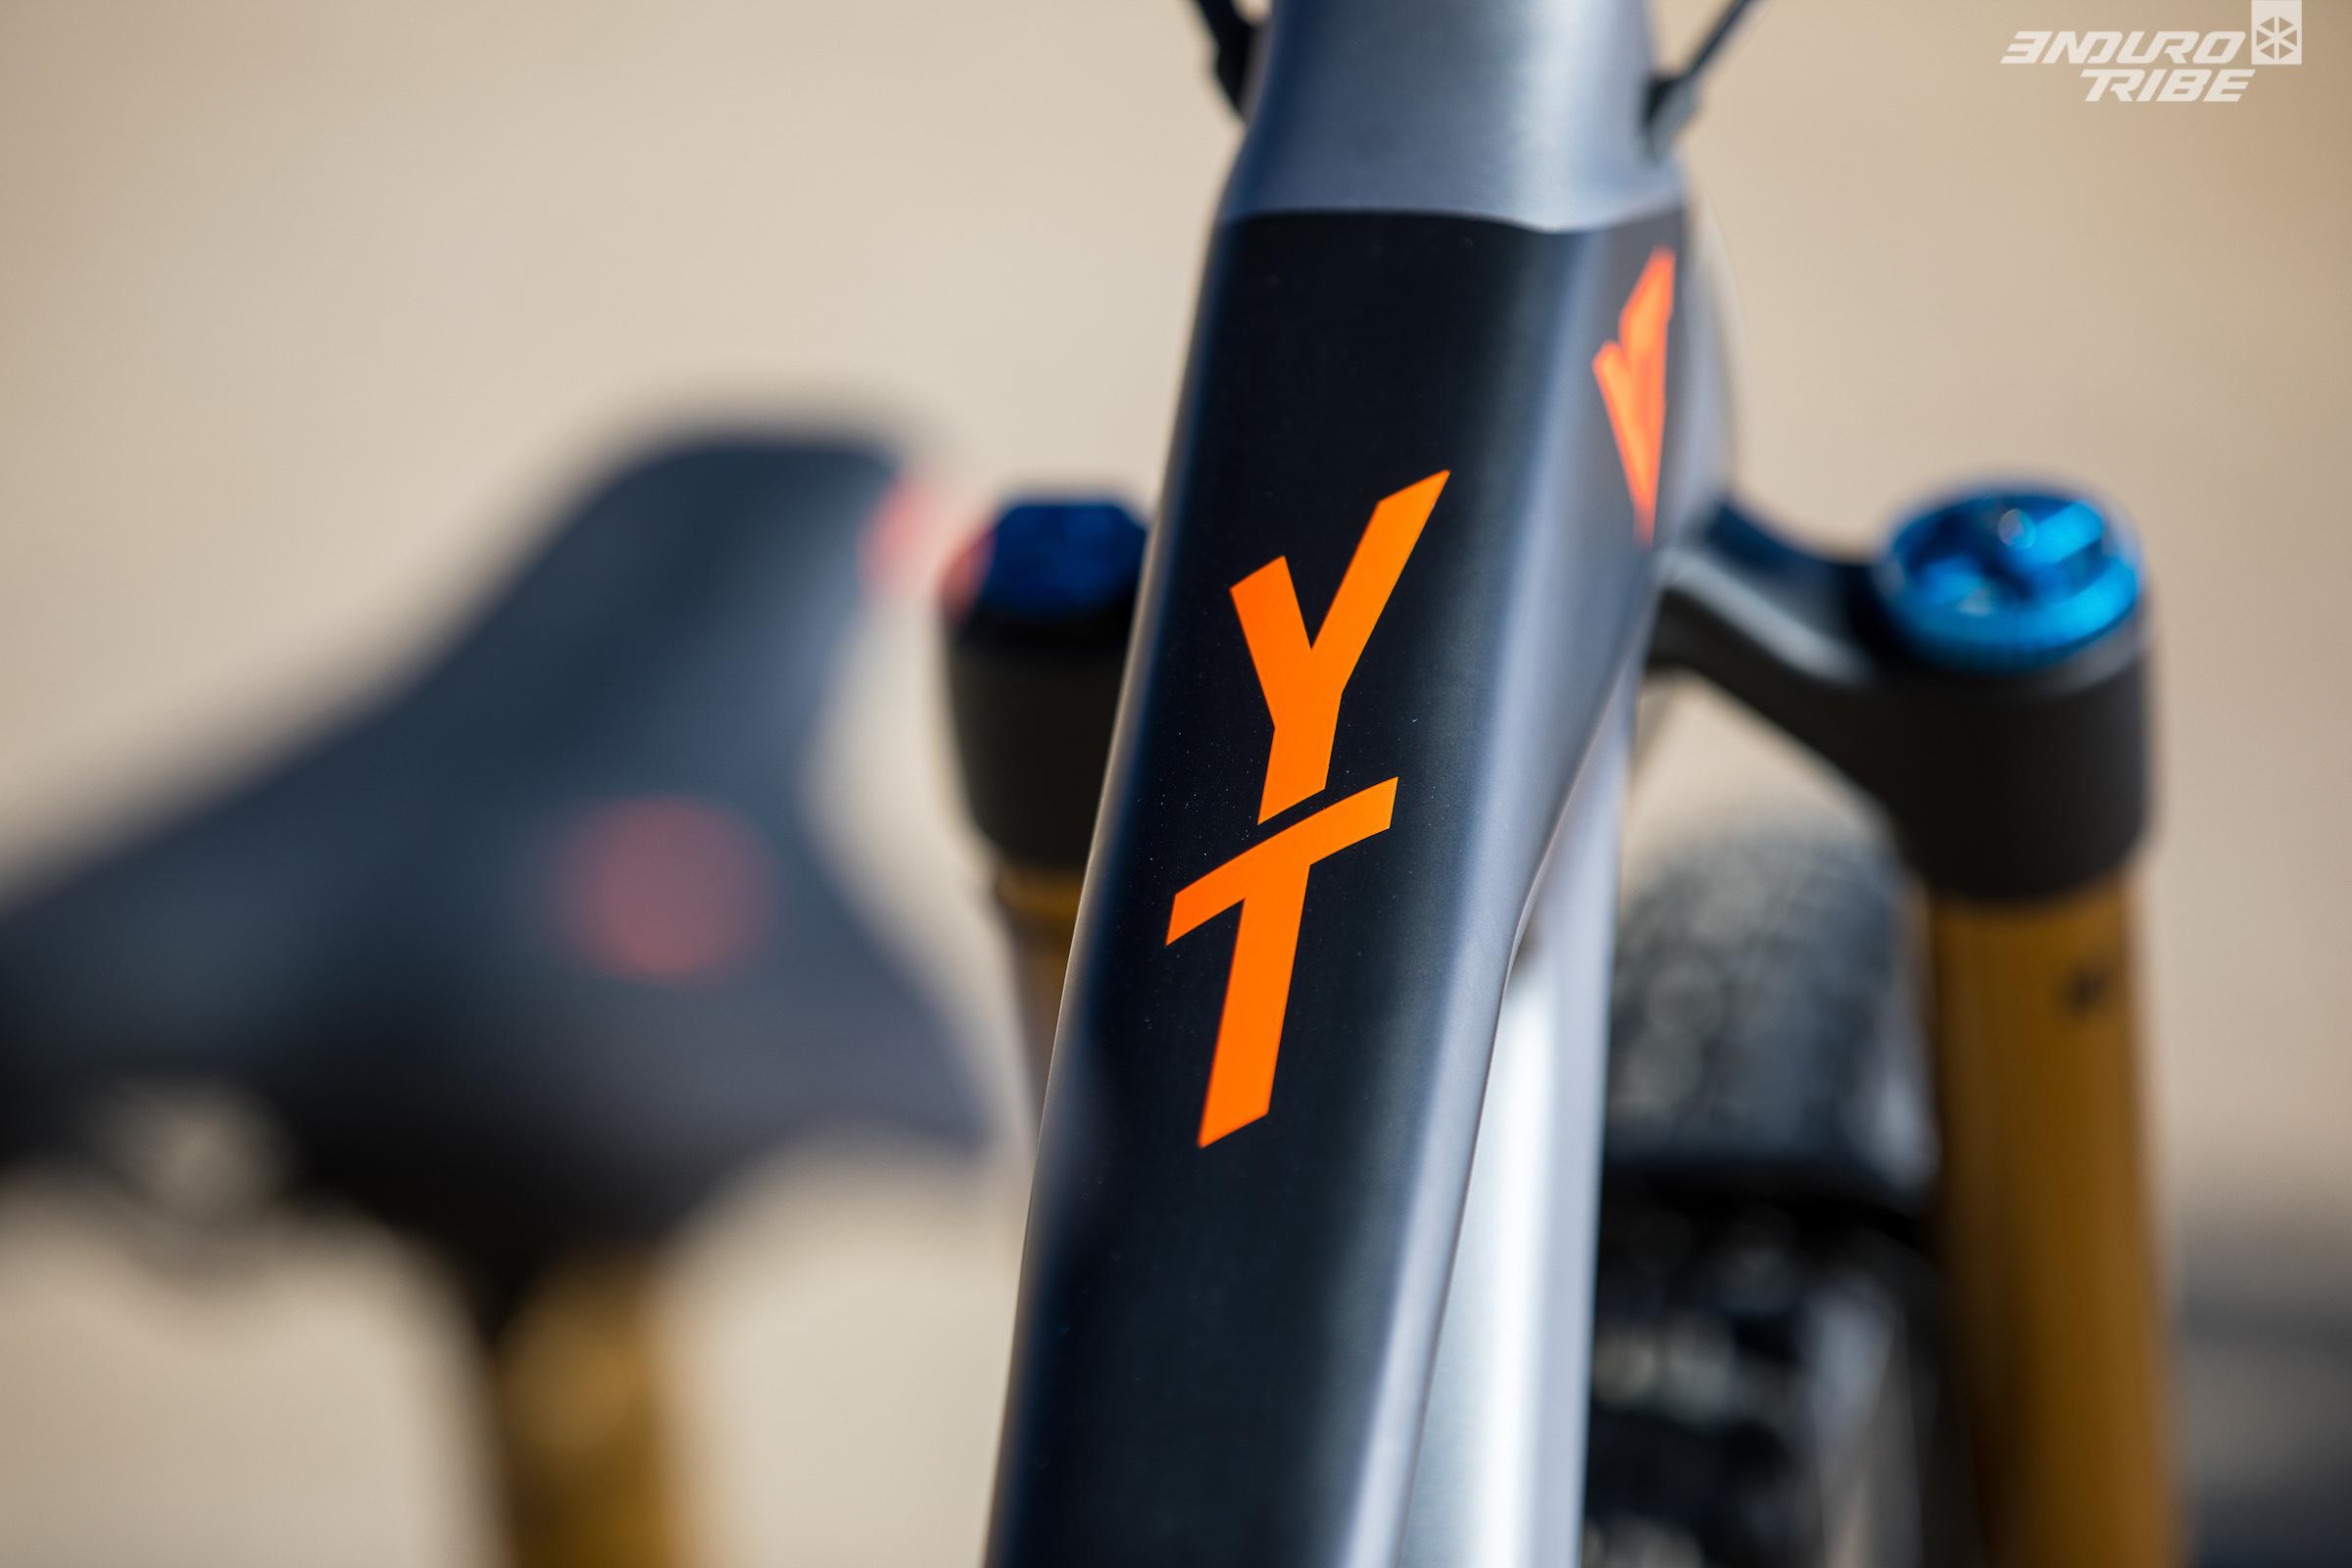 Nouveauté 2018 - Le YT Industries Capra revient dans le jeu